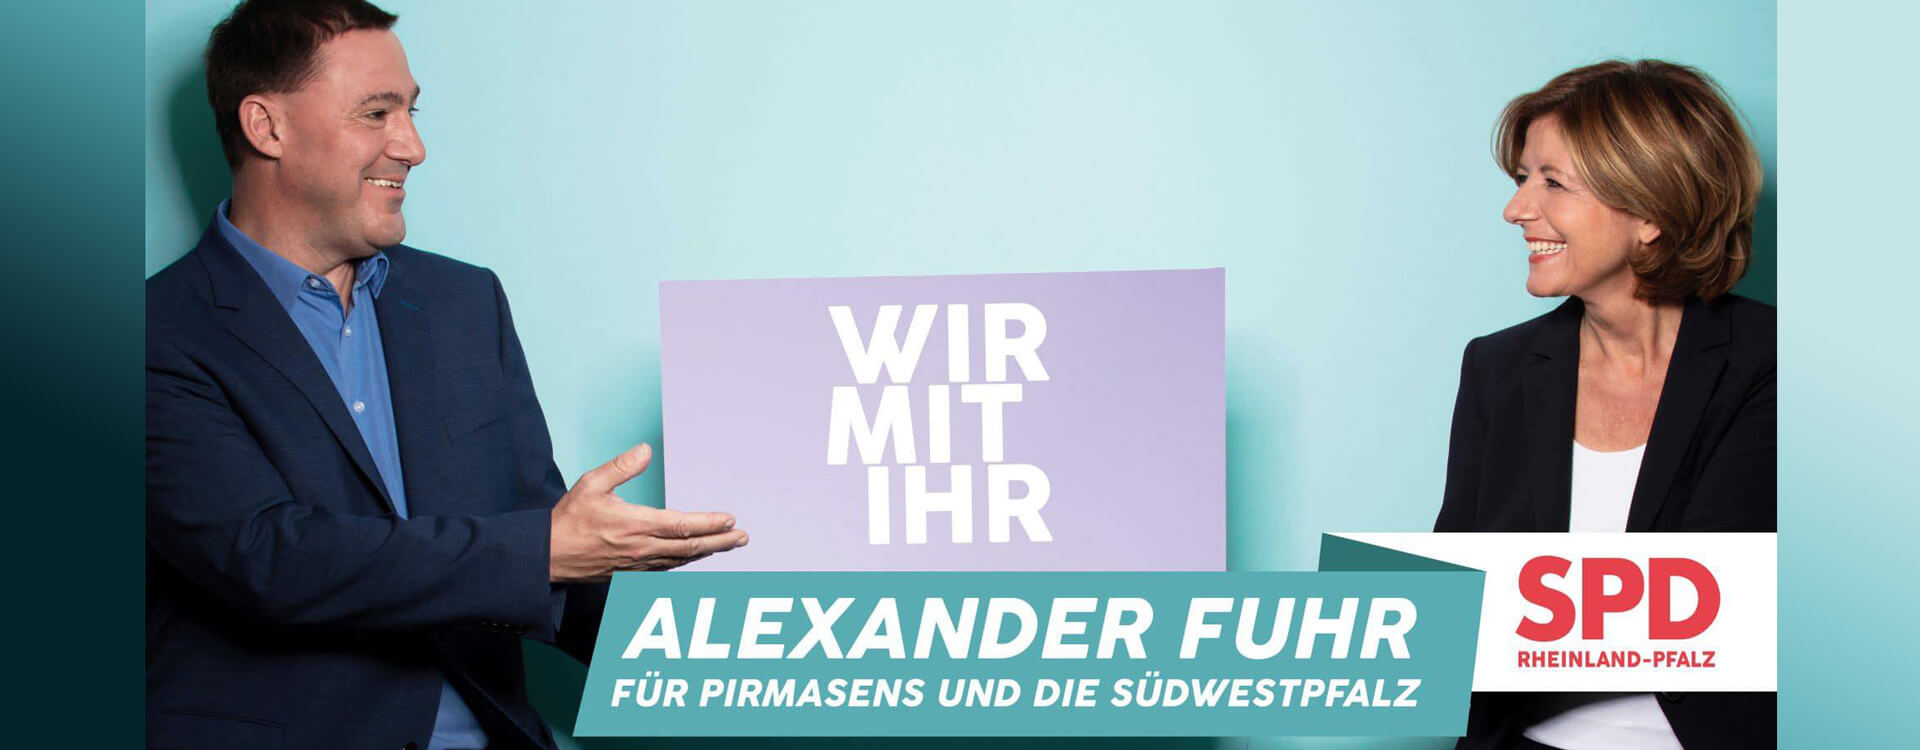 SPD Rheinland-Pfalz Wir mit Ihr Alexander Fuhr